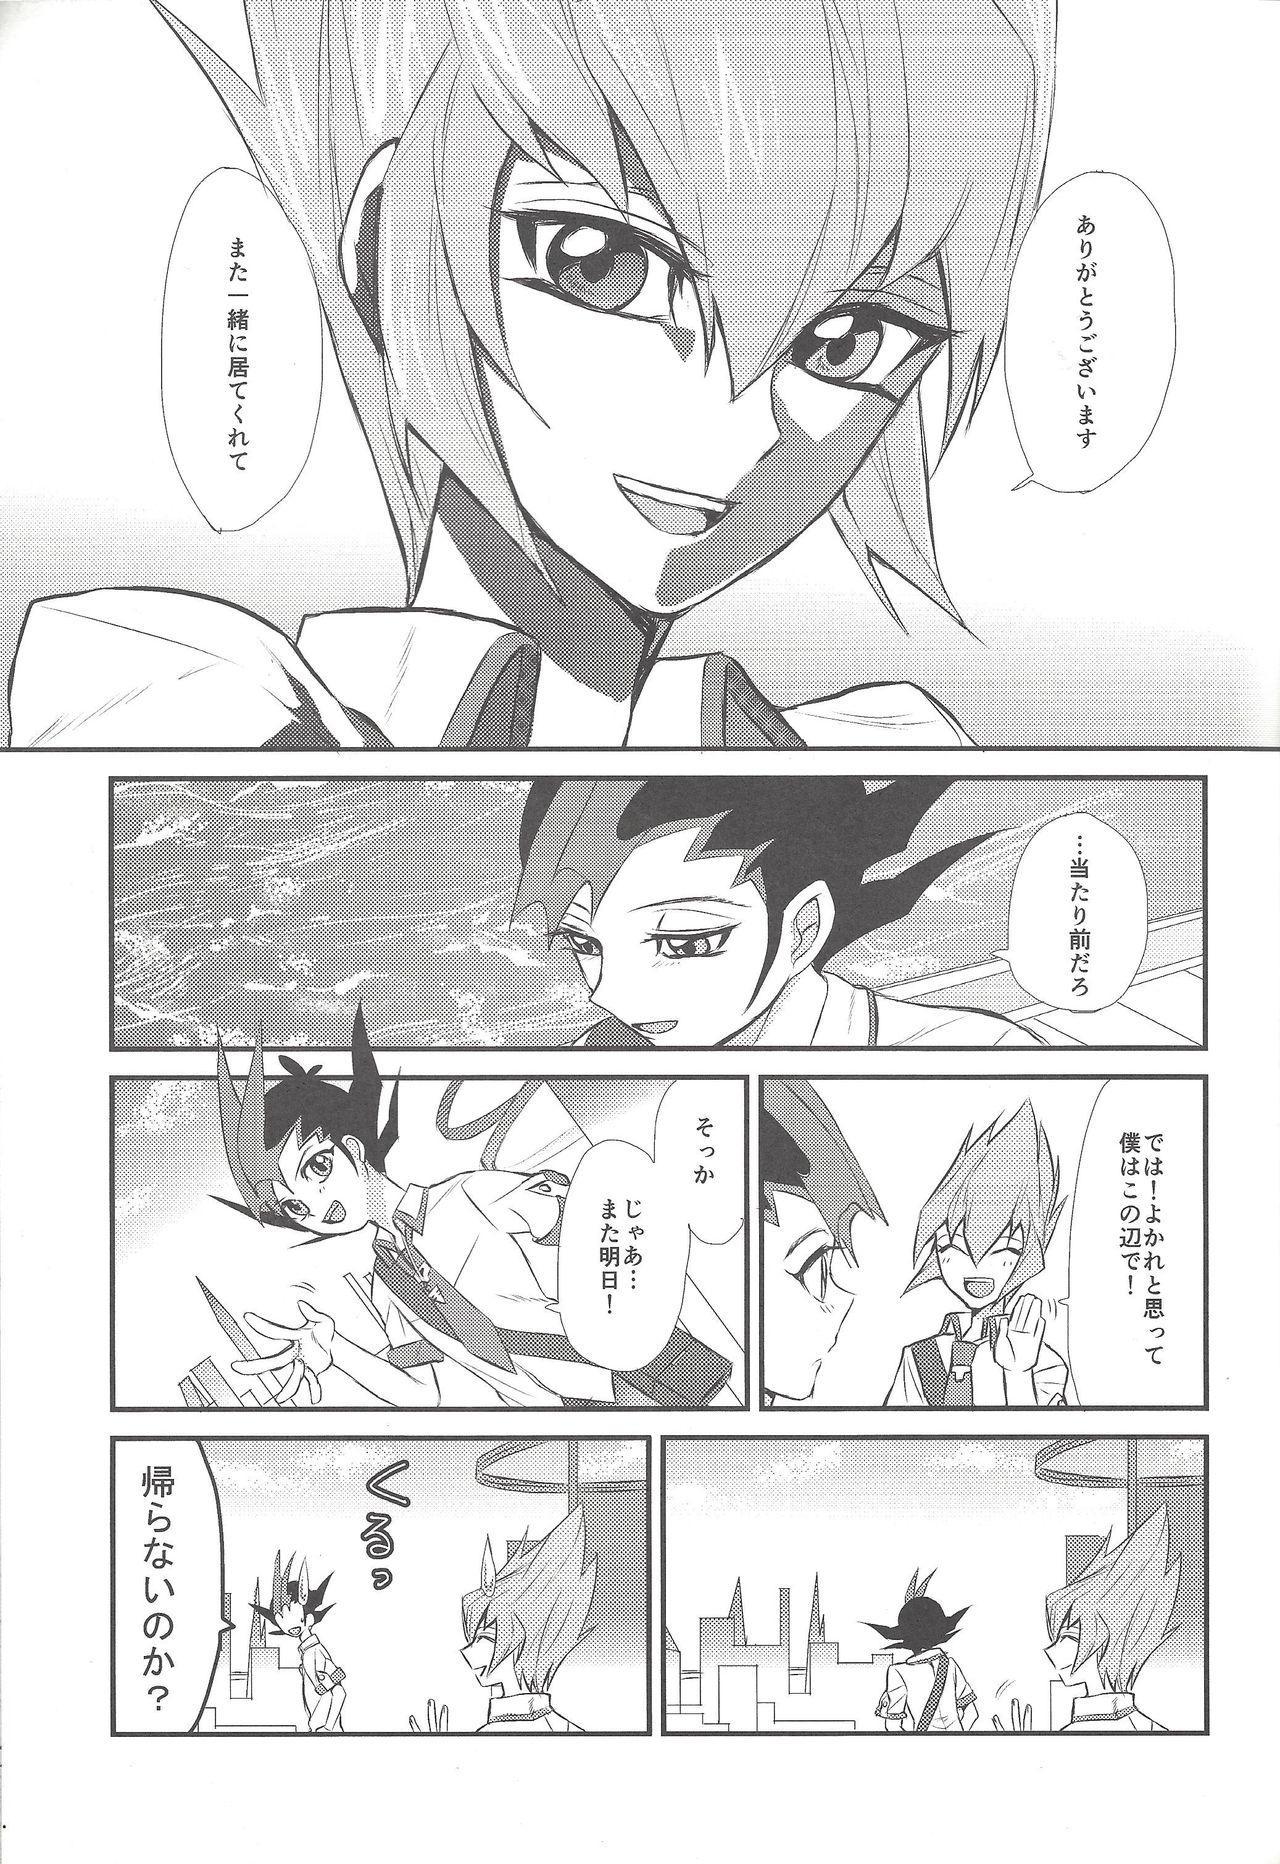 Aitsu wa okashī 3